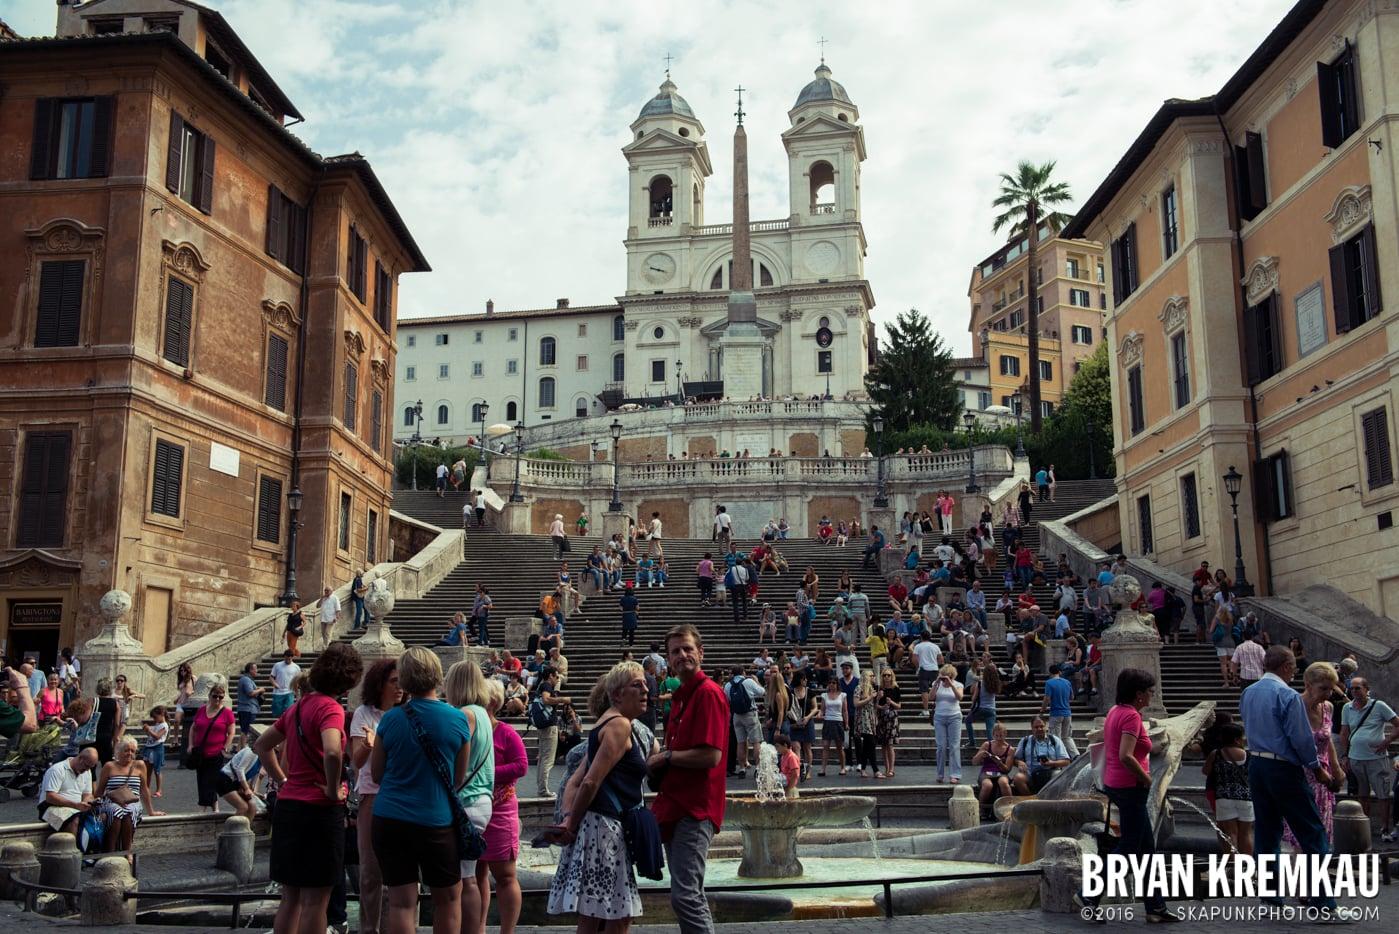 Italy Vacation - Day 1: Rome - 9.9.13 (67)